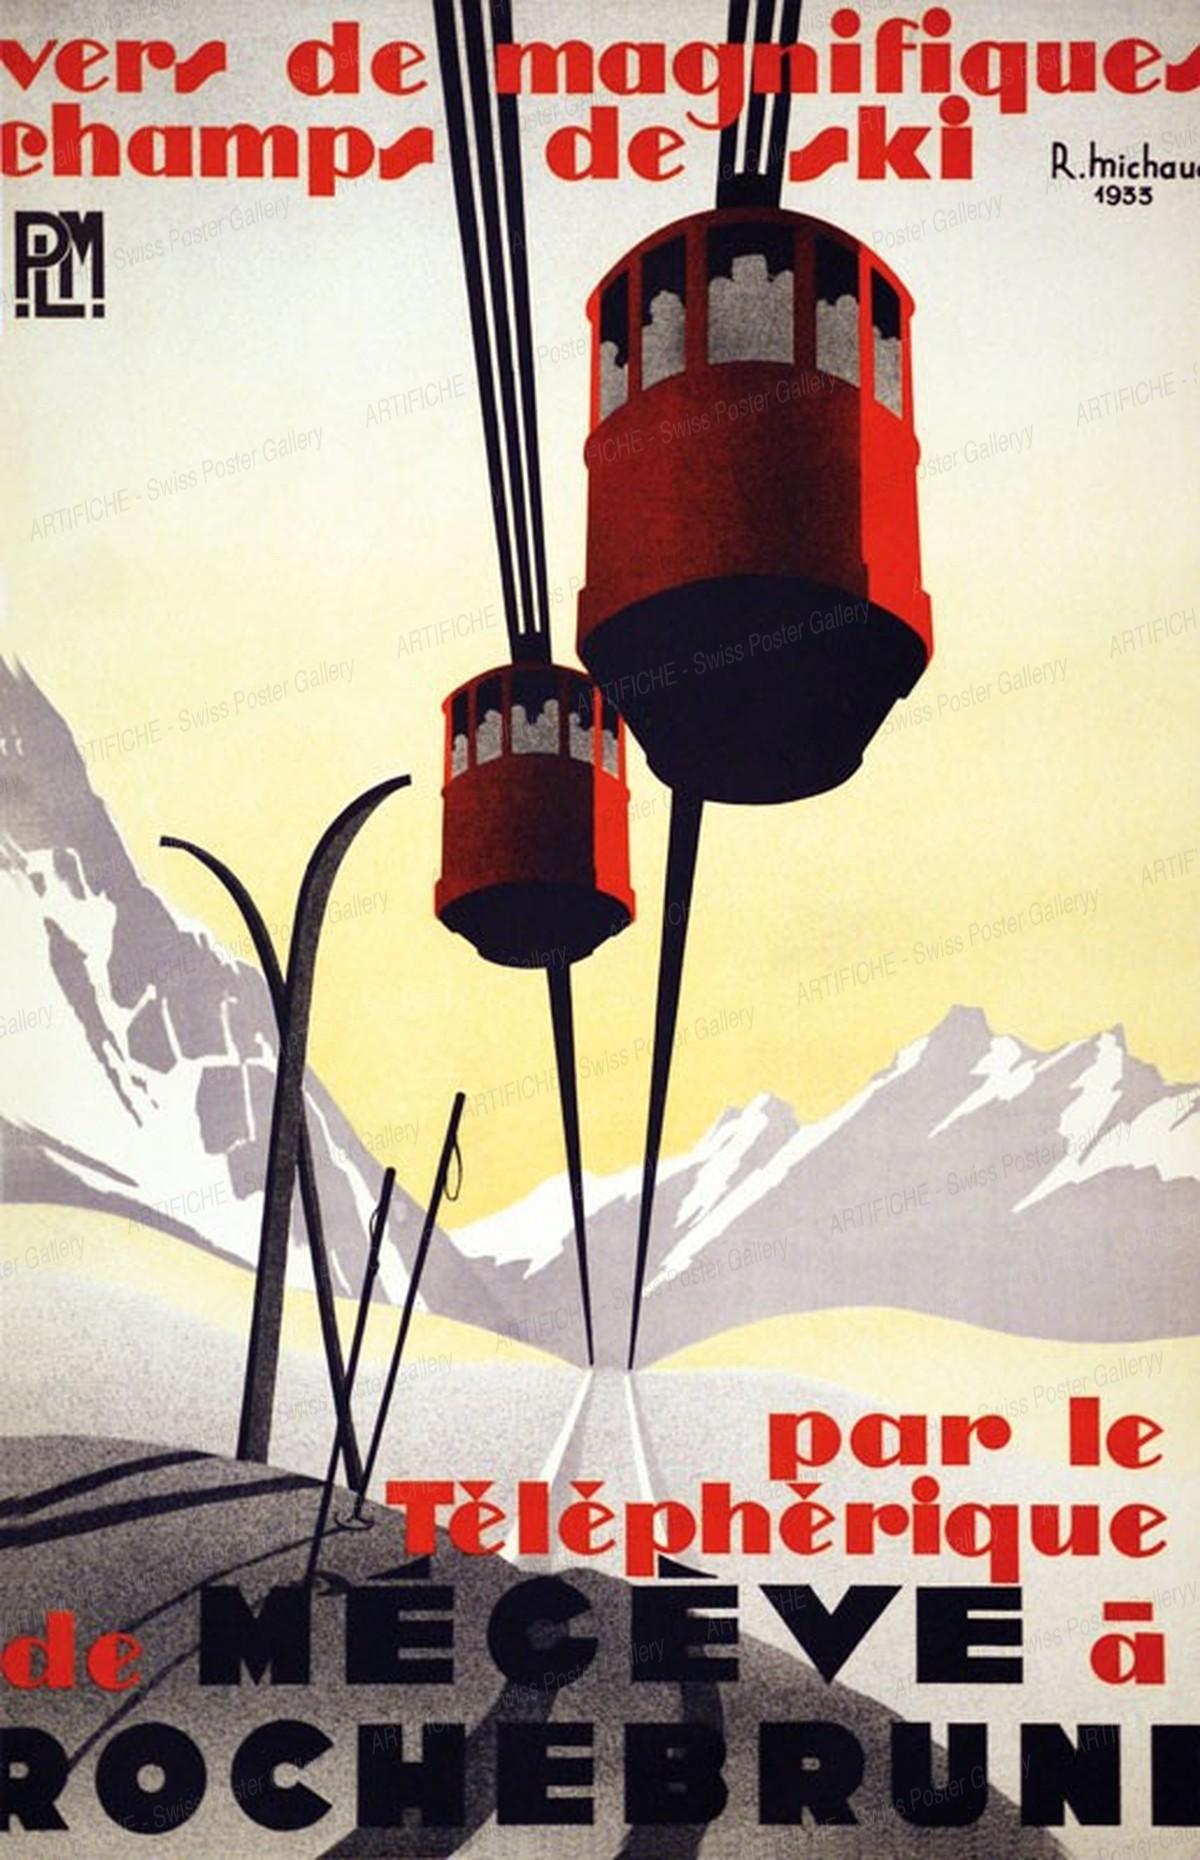 MÉGÈVE – ROCHEBRUNE – Téléphérique, René Michaud